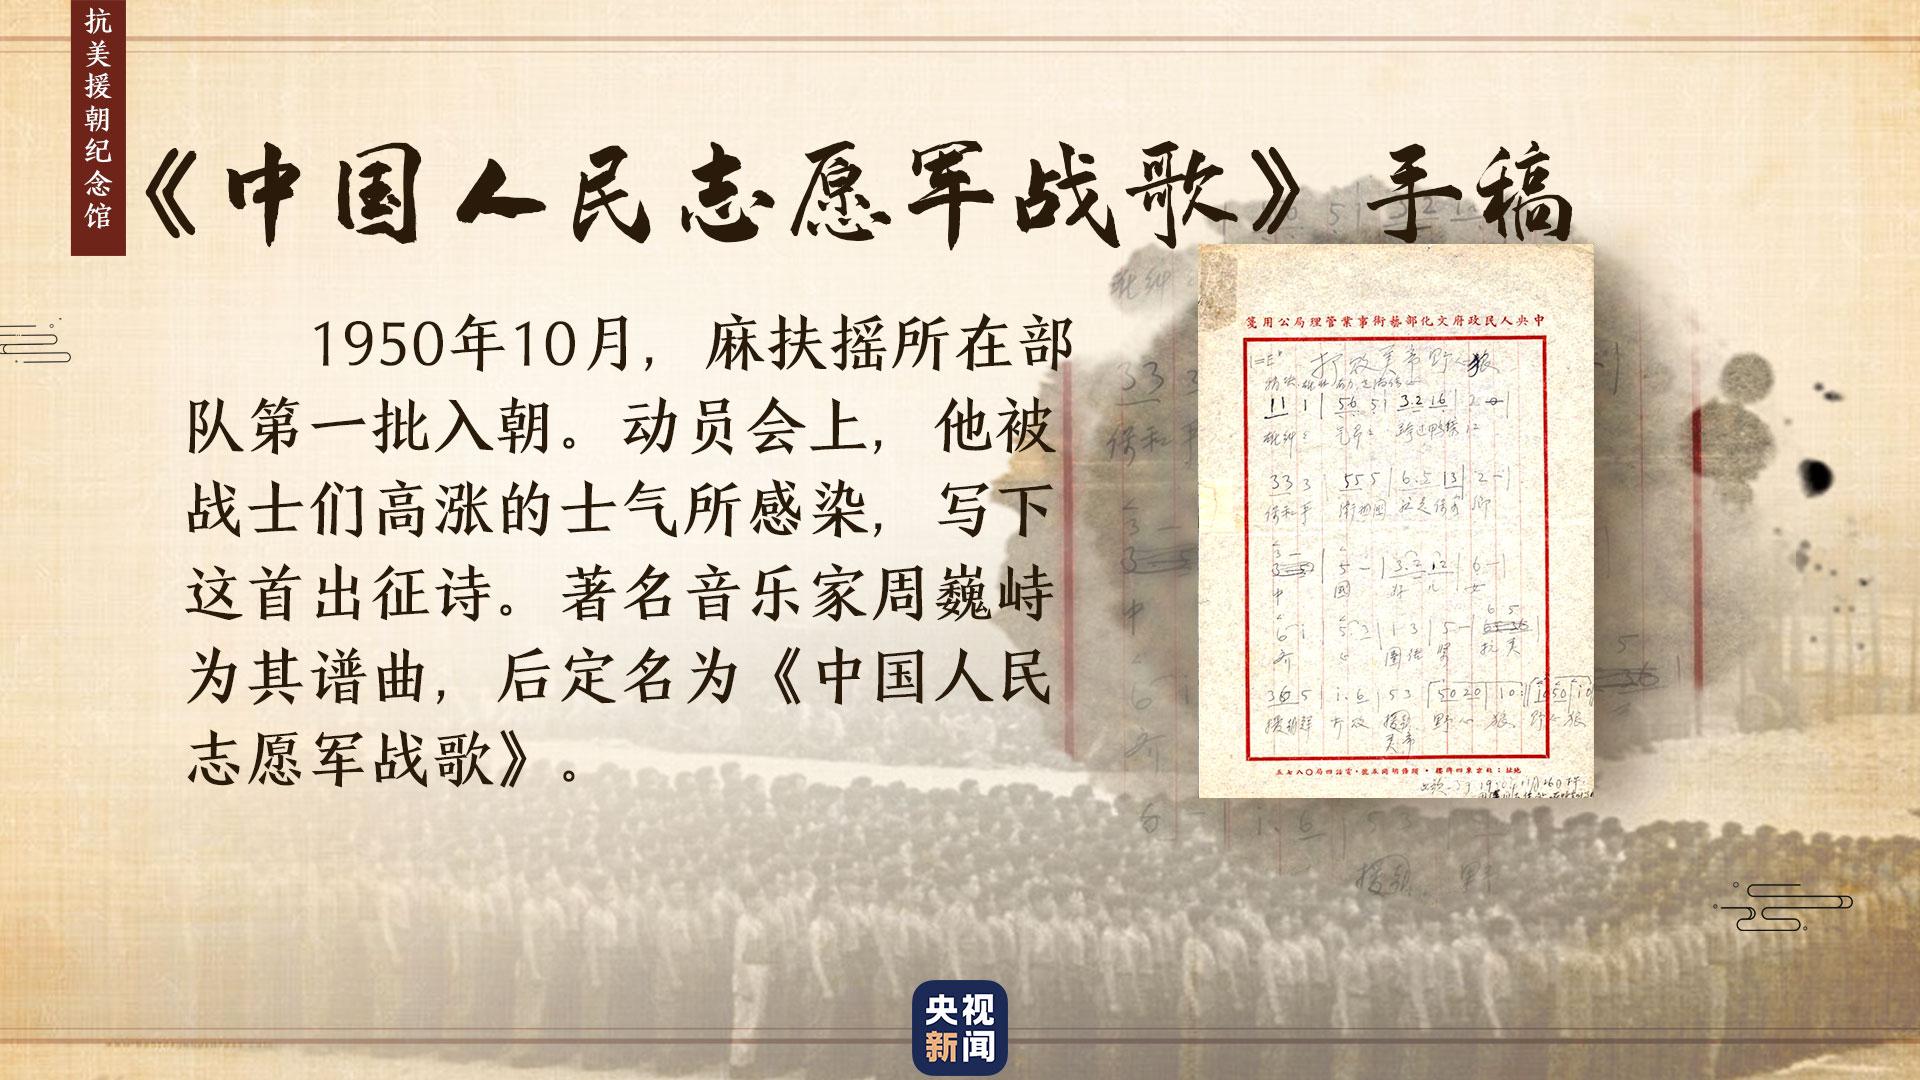 鑒往知來丨紀念館中的抗美援朝歷史-圖1